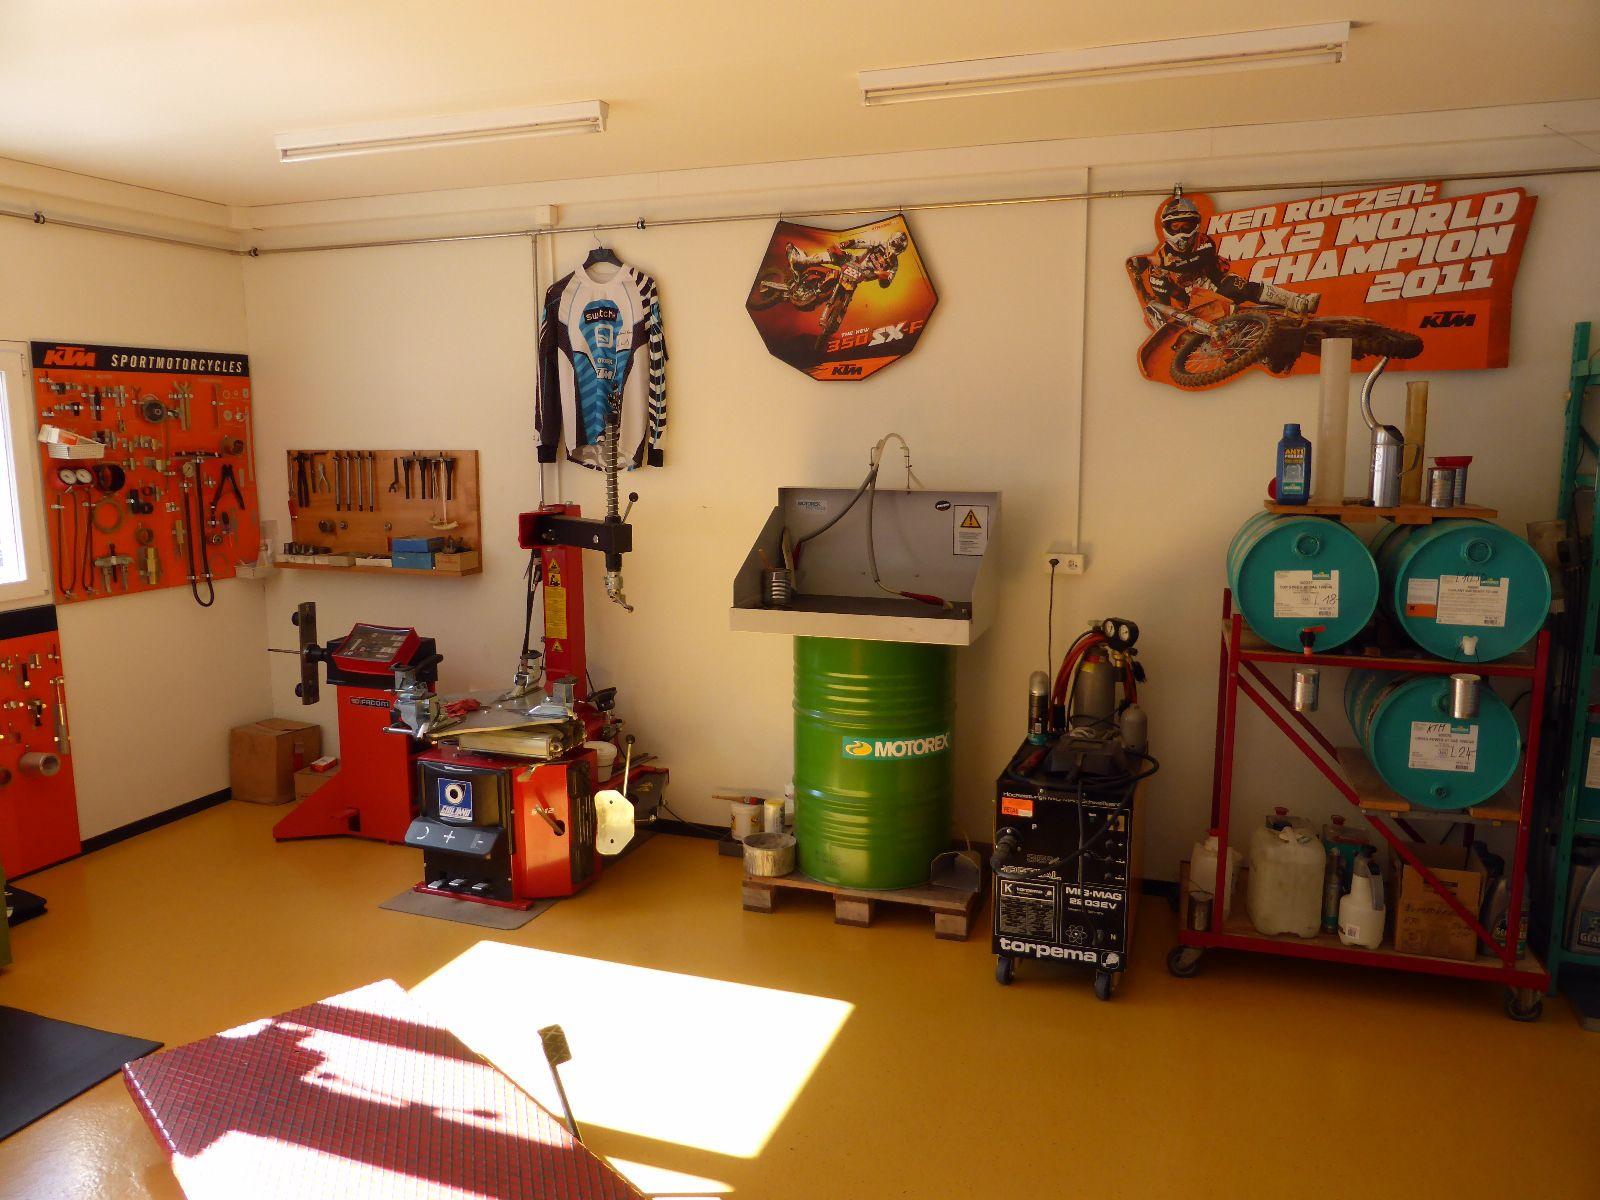 Motos Roland Frey - KTM Motorräder, Service, Umbauten, Neufahrzeuge